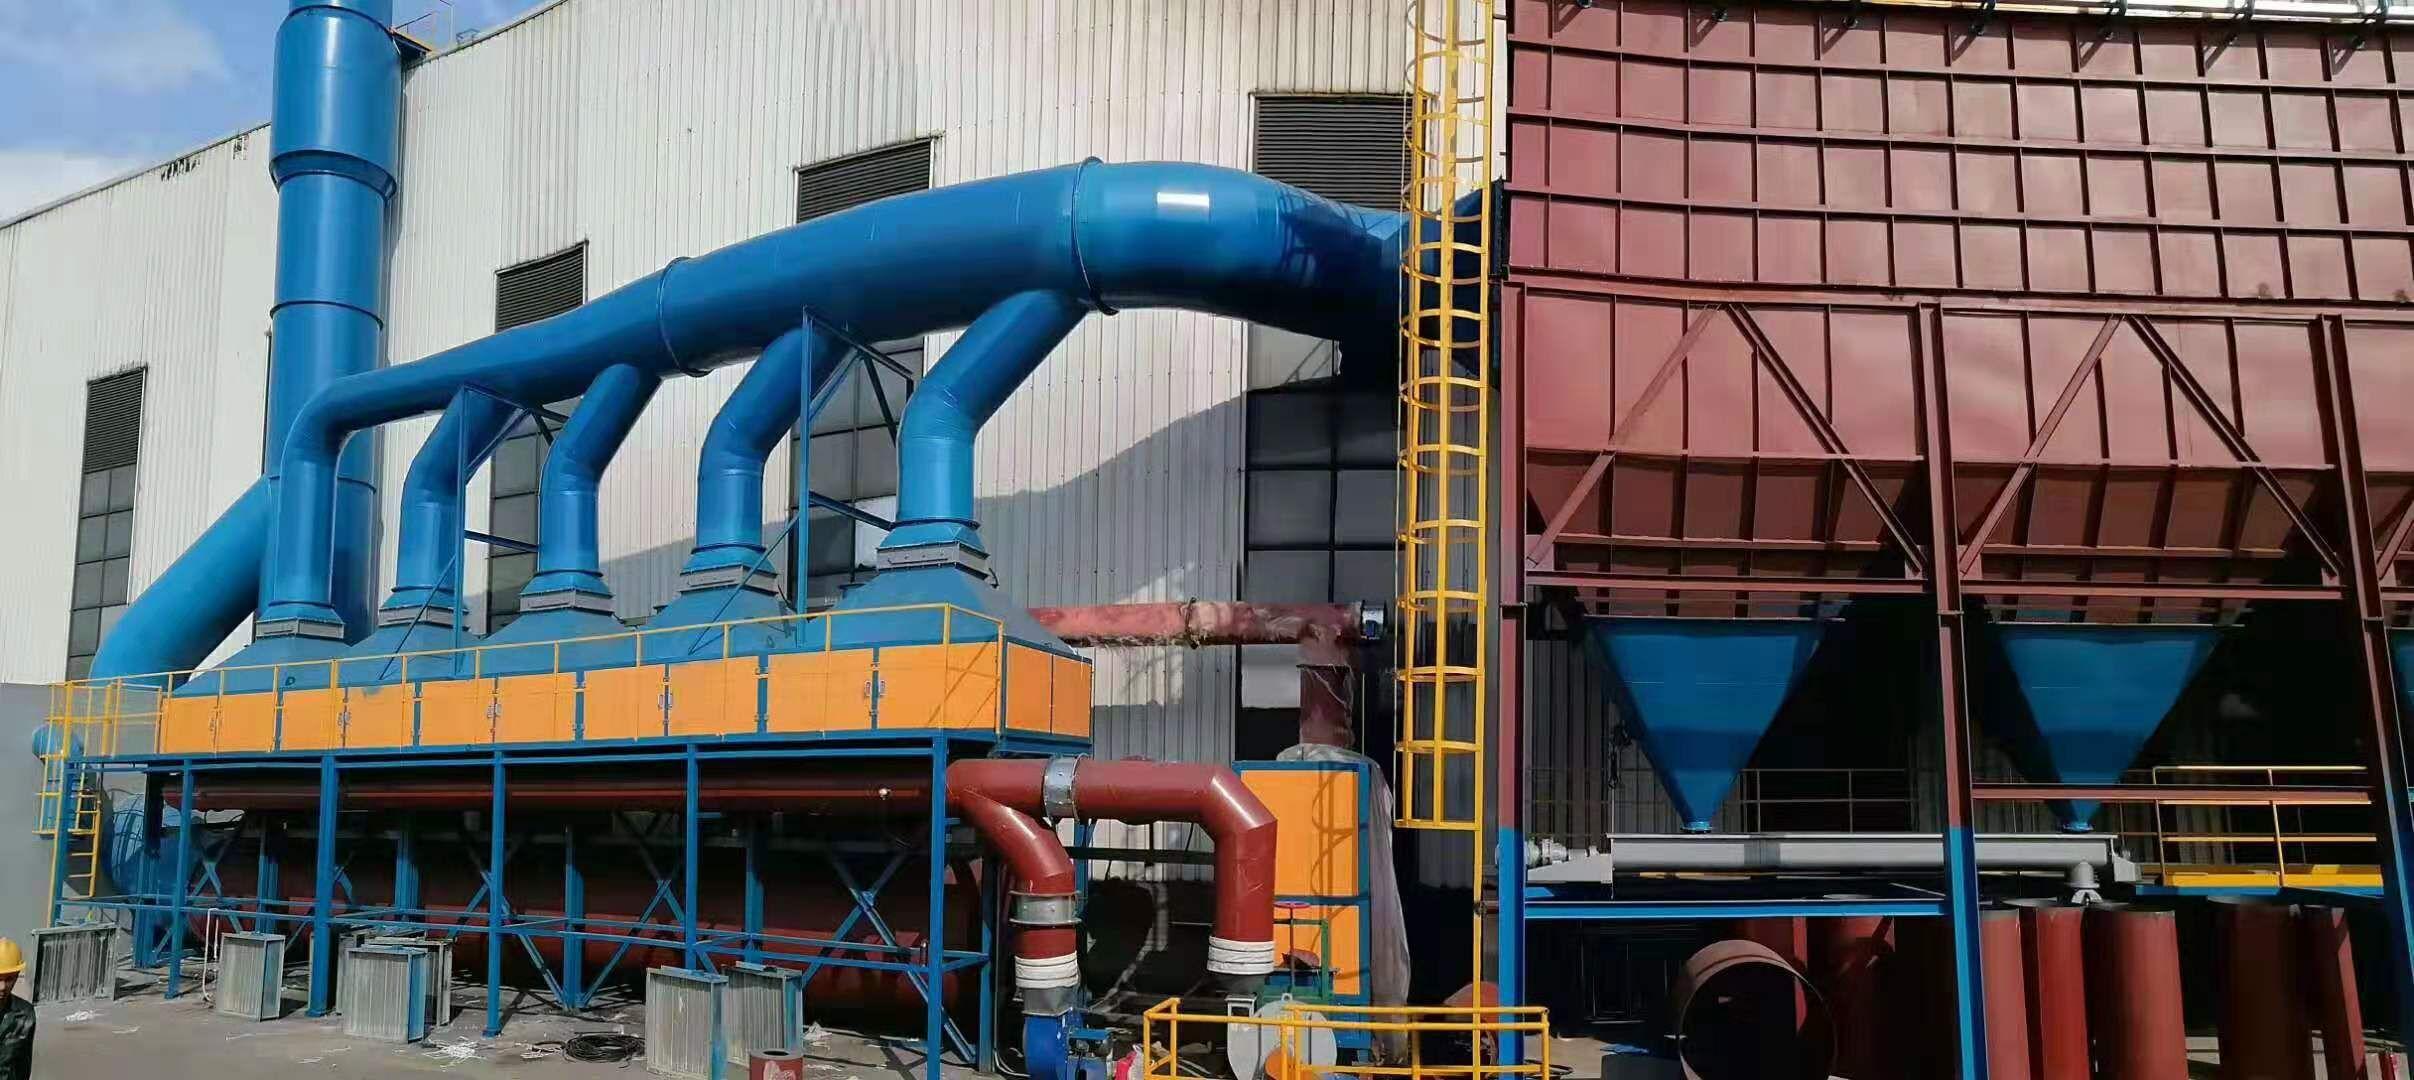 催化燃烧炉工作中容易遇到的问题